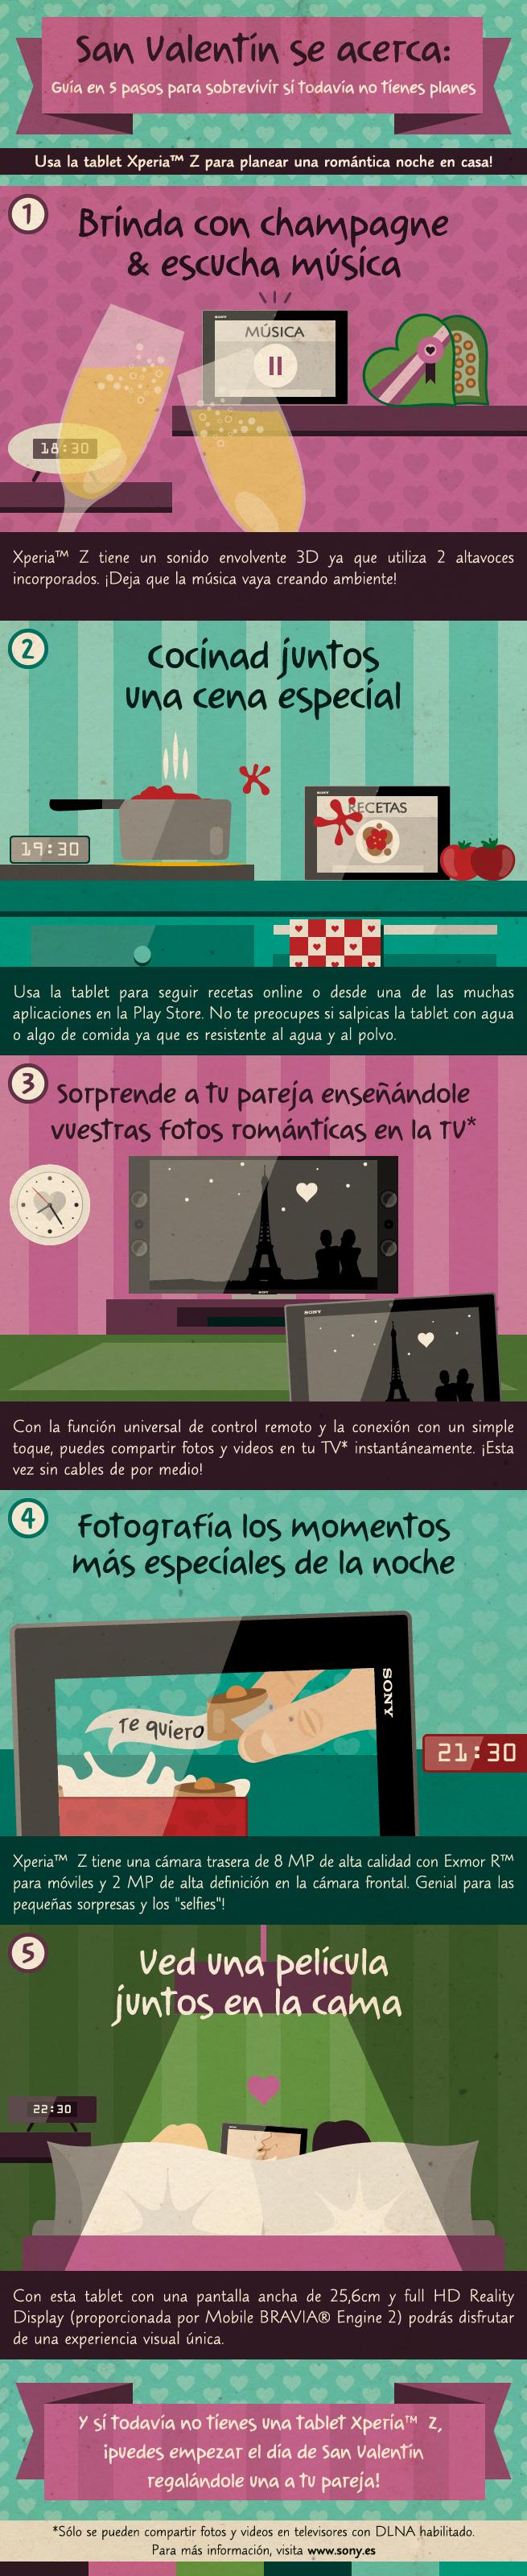 Guía para sobrevivir San Valentín - Infográfico